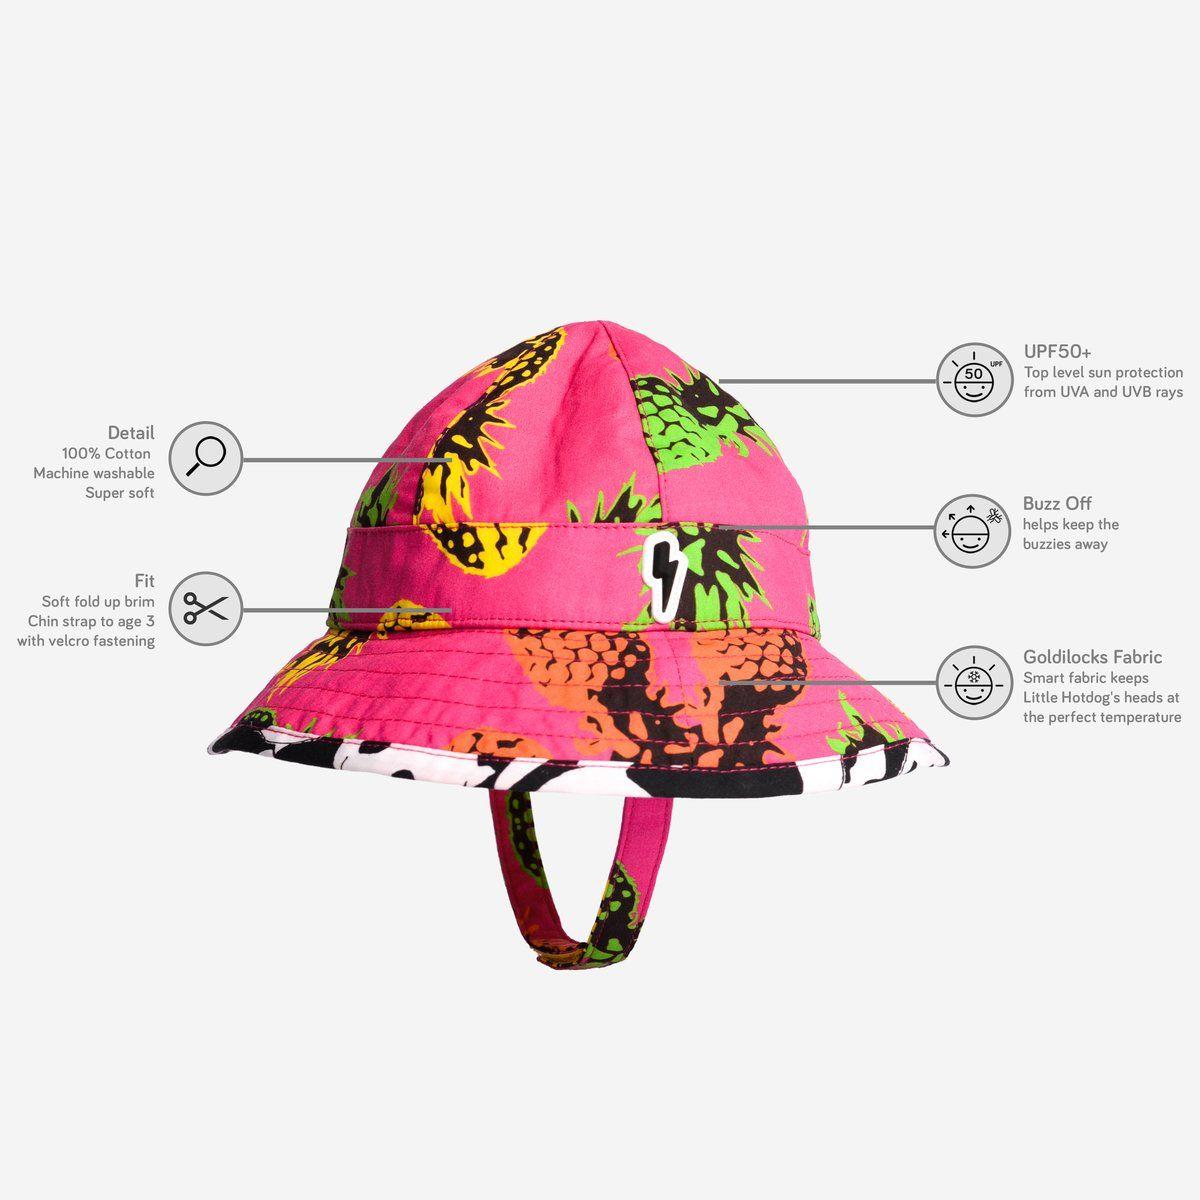 6df9cedd559 Little Hotdog Watson - The Pioneer Kids Floppy Sun Hat.  littlehotdogwatson   kidshat